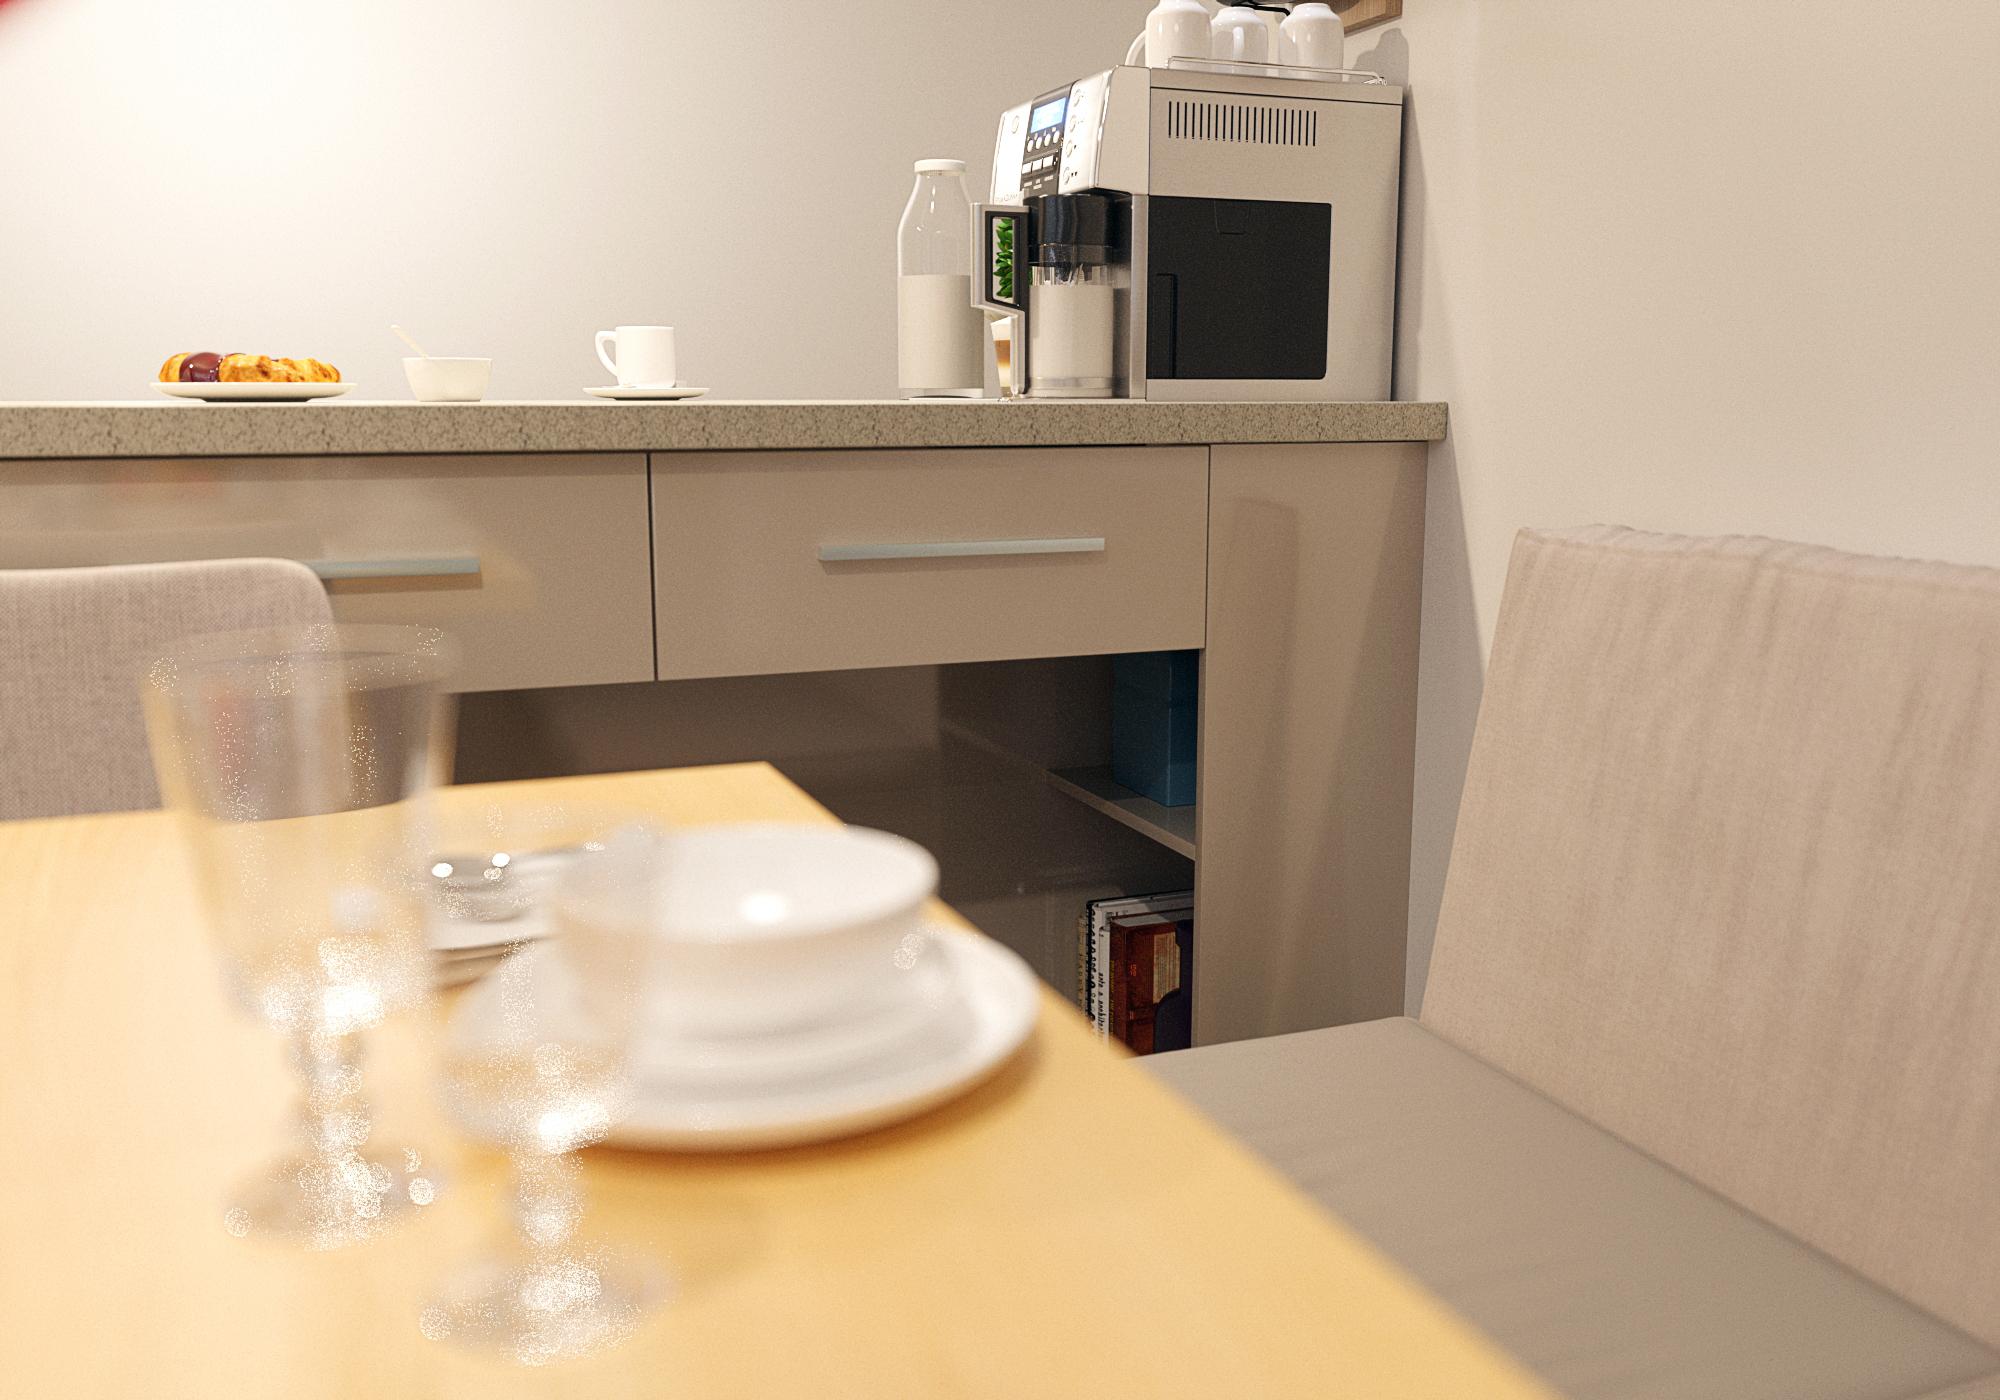 Кухня минимализм | с. Гореничи | Слайд 7